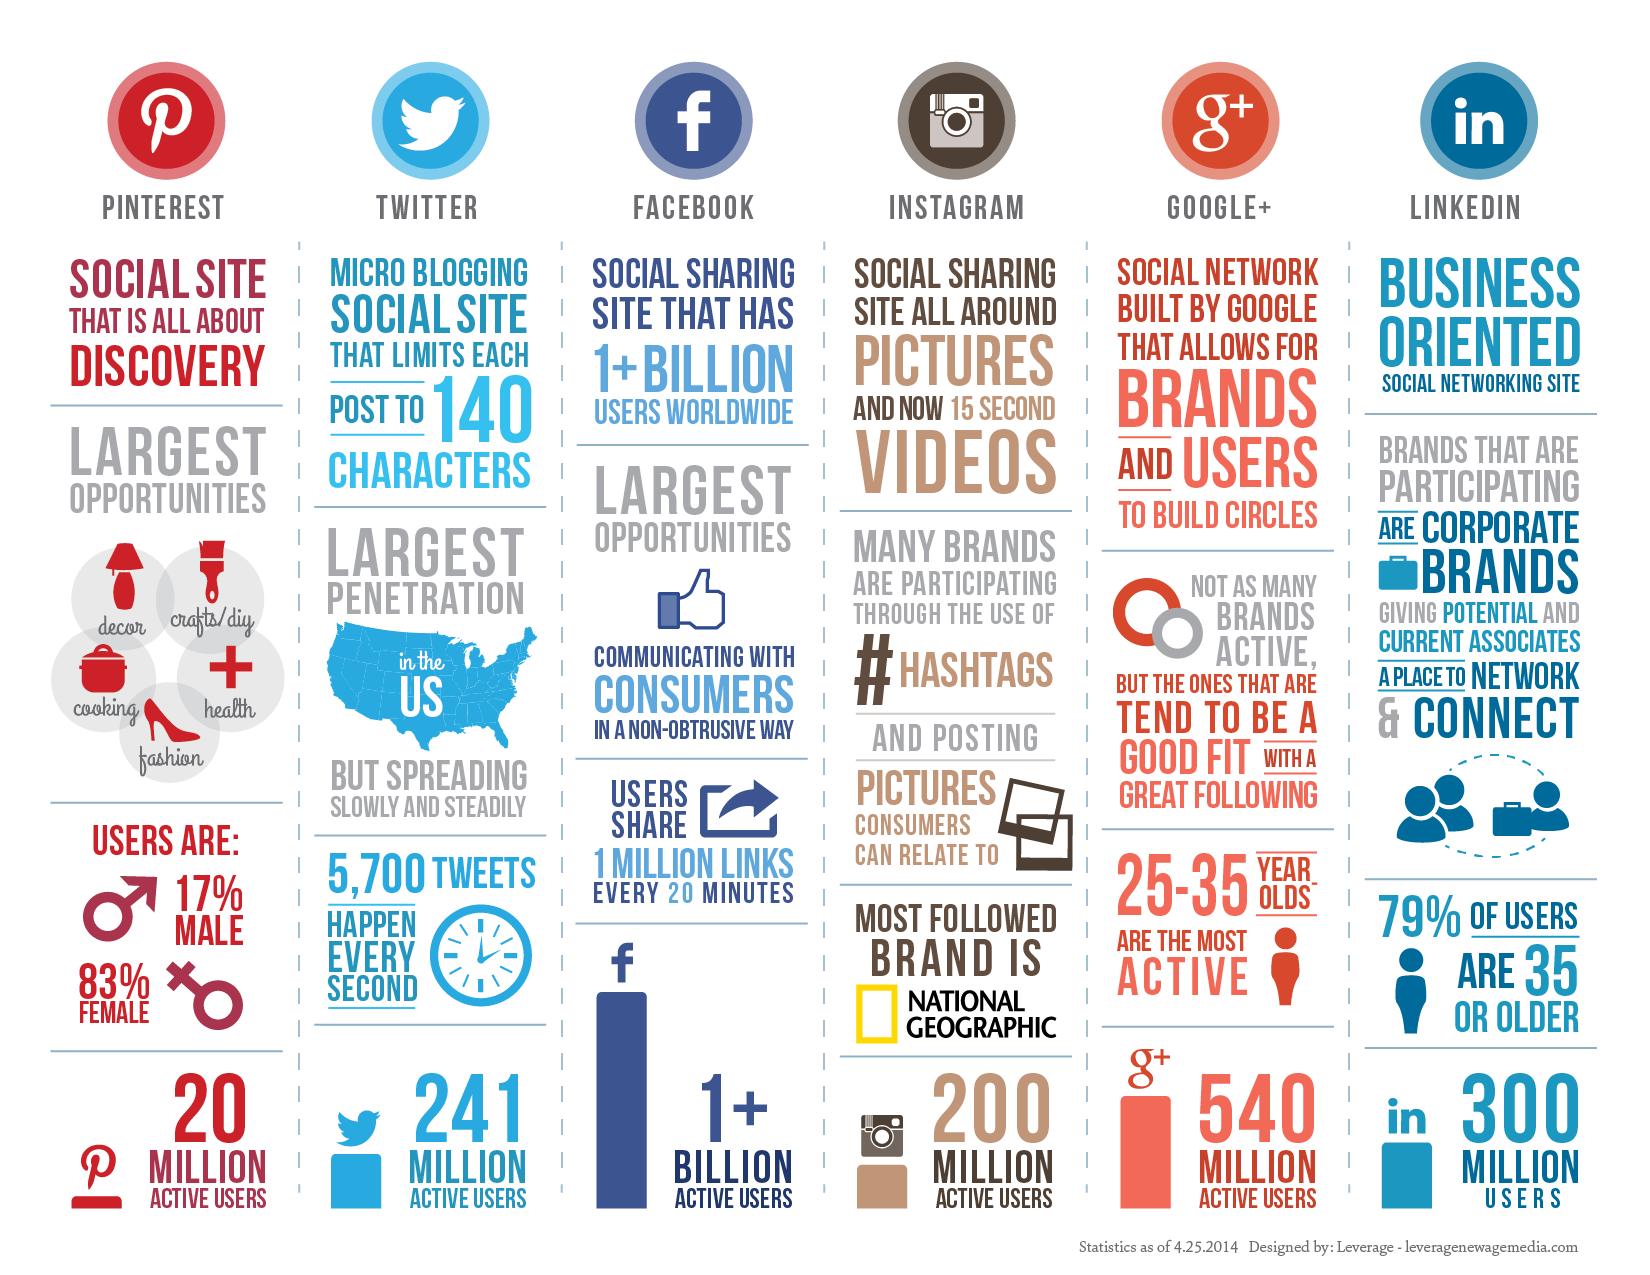 Menentukan 5 Jenis Media Sosial yang Tepat untuk Bisnis Anda